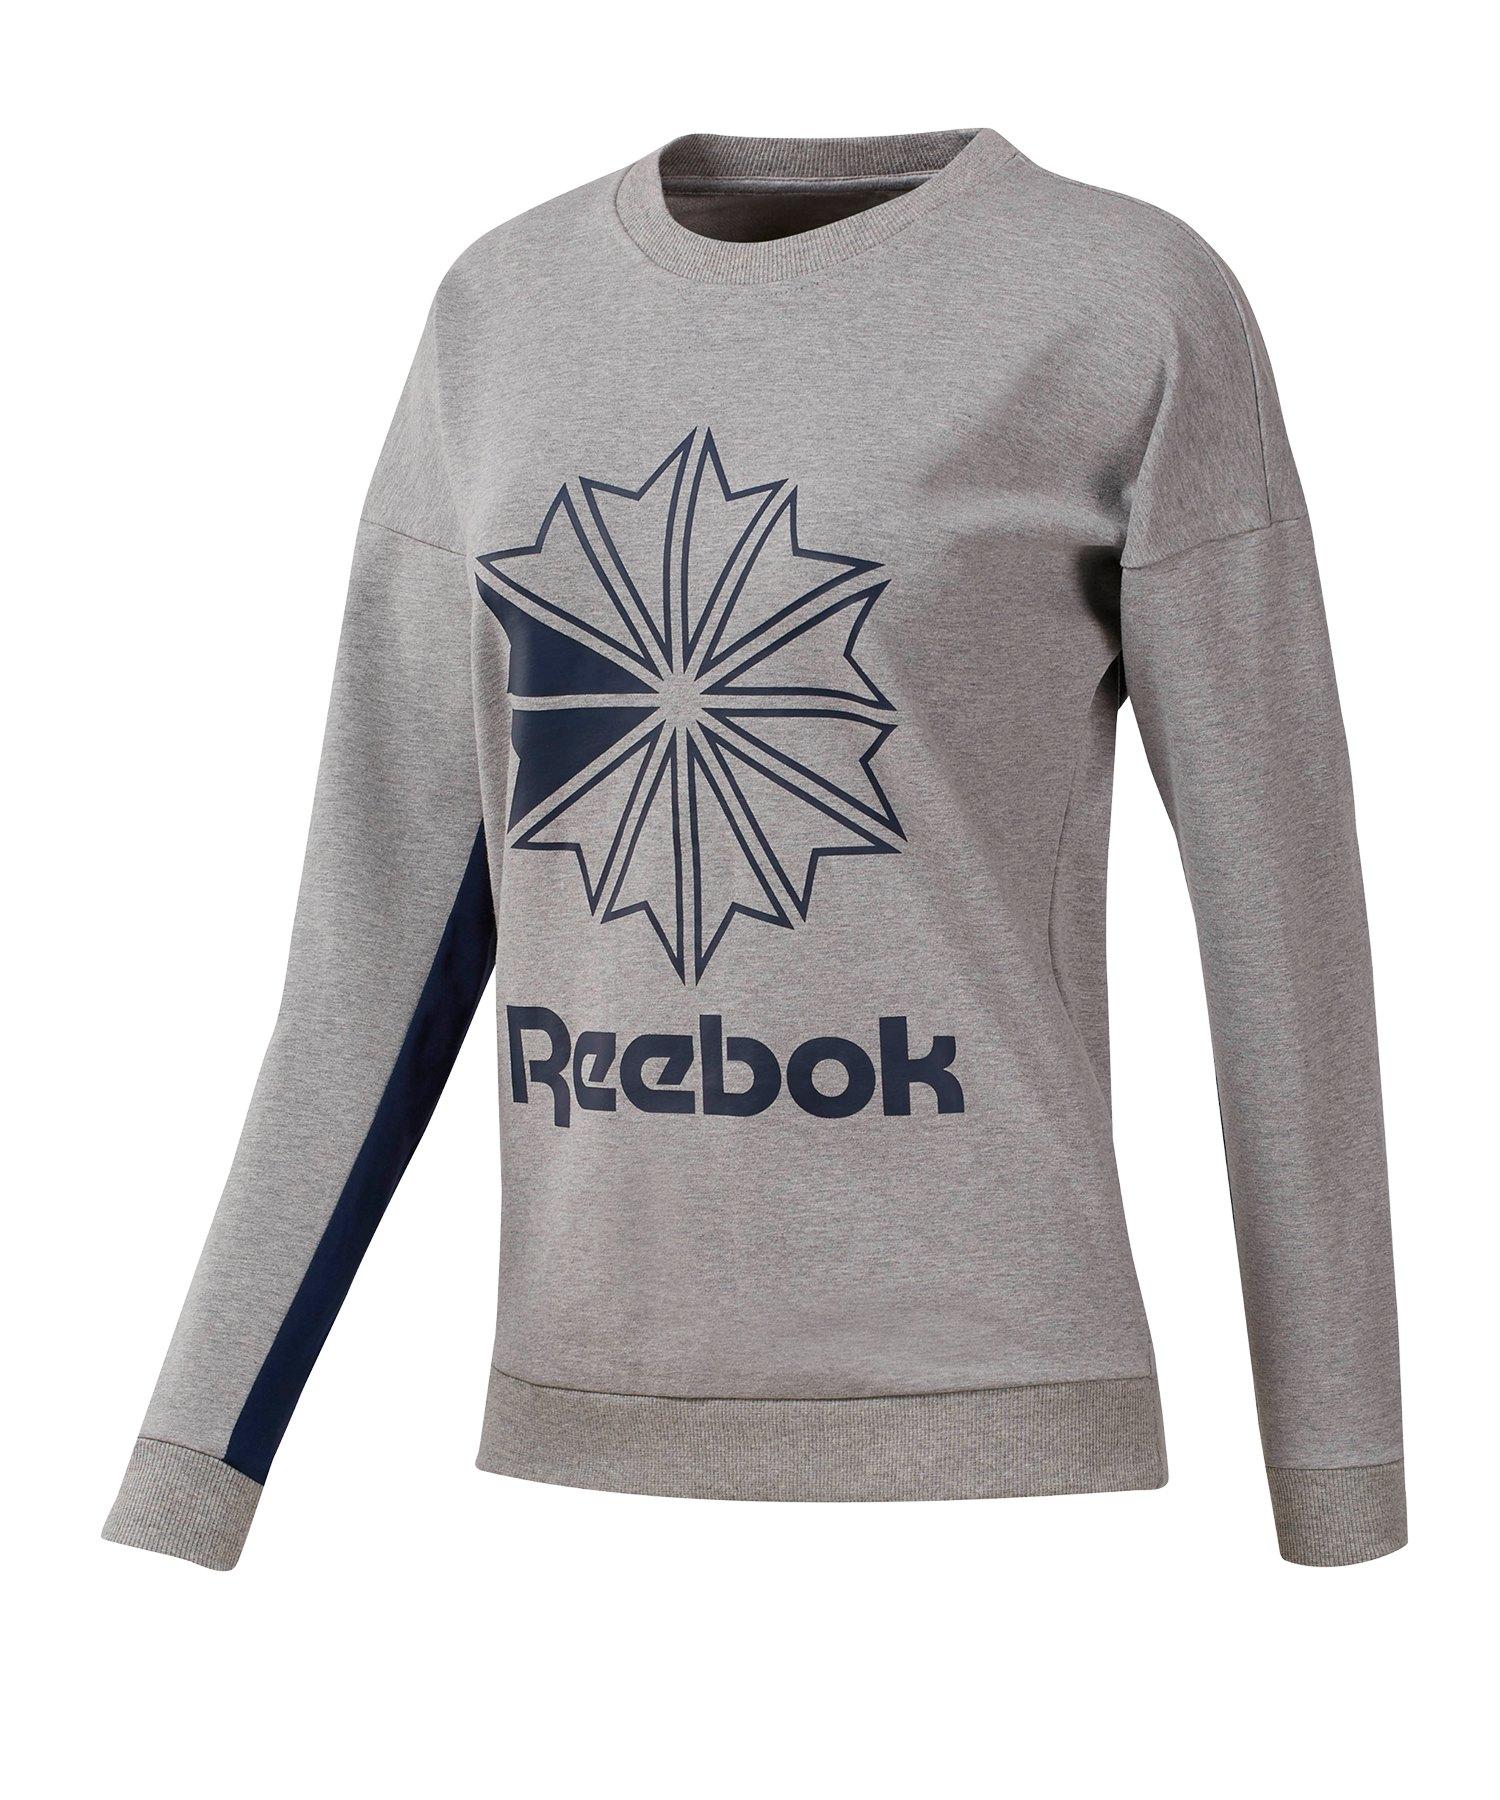 Reebok Frauen 1895 T Shirt Fitness & Training Grau